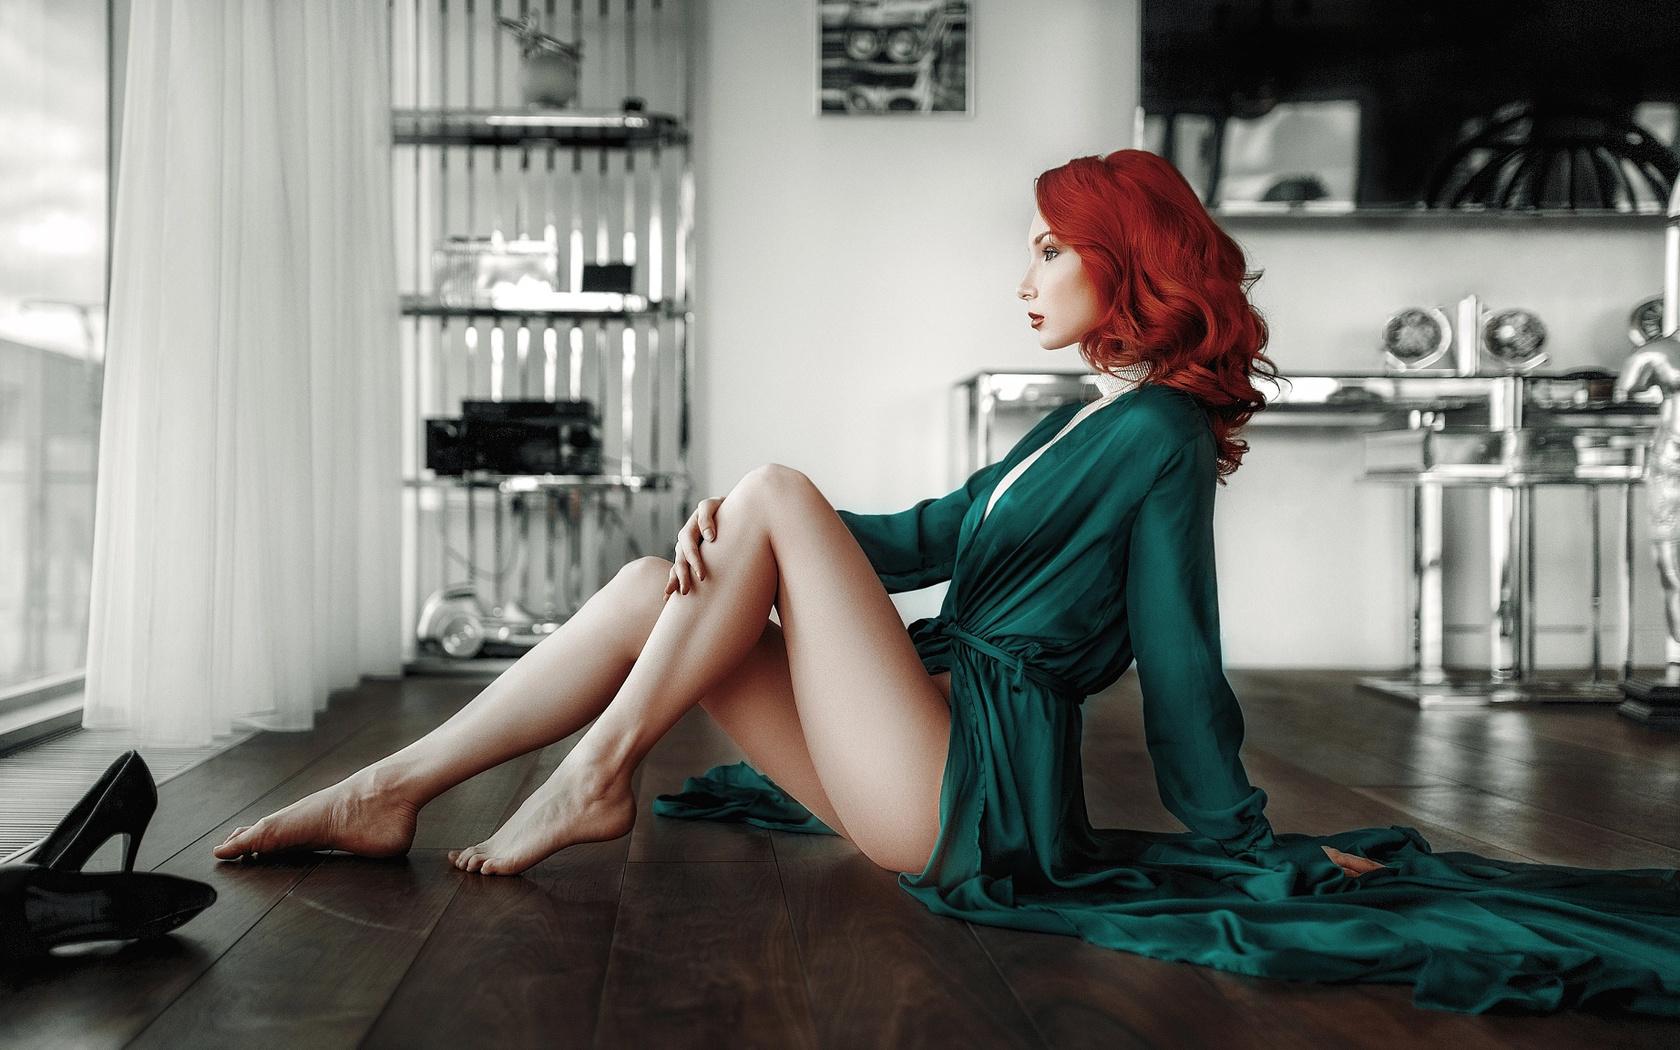 красивые рыжые девушки в белье